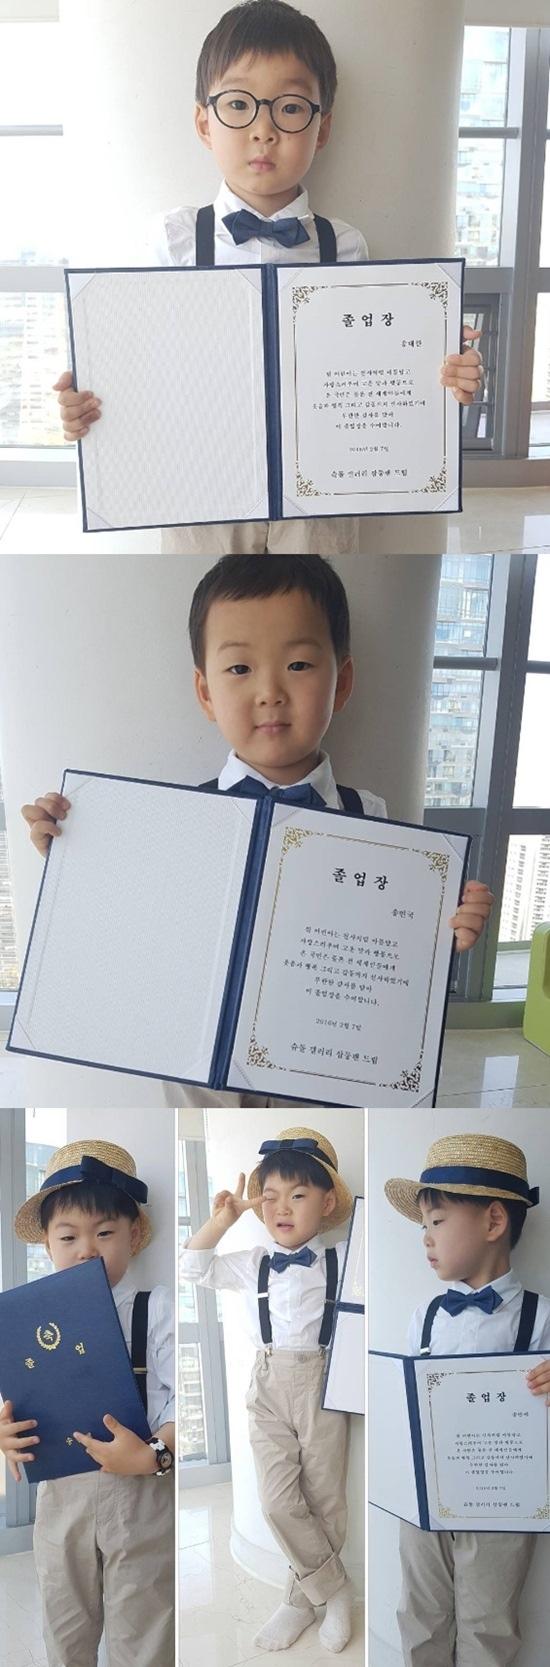 宋一國公開三胞胎「畢業證書」 人氣魅力依舊